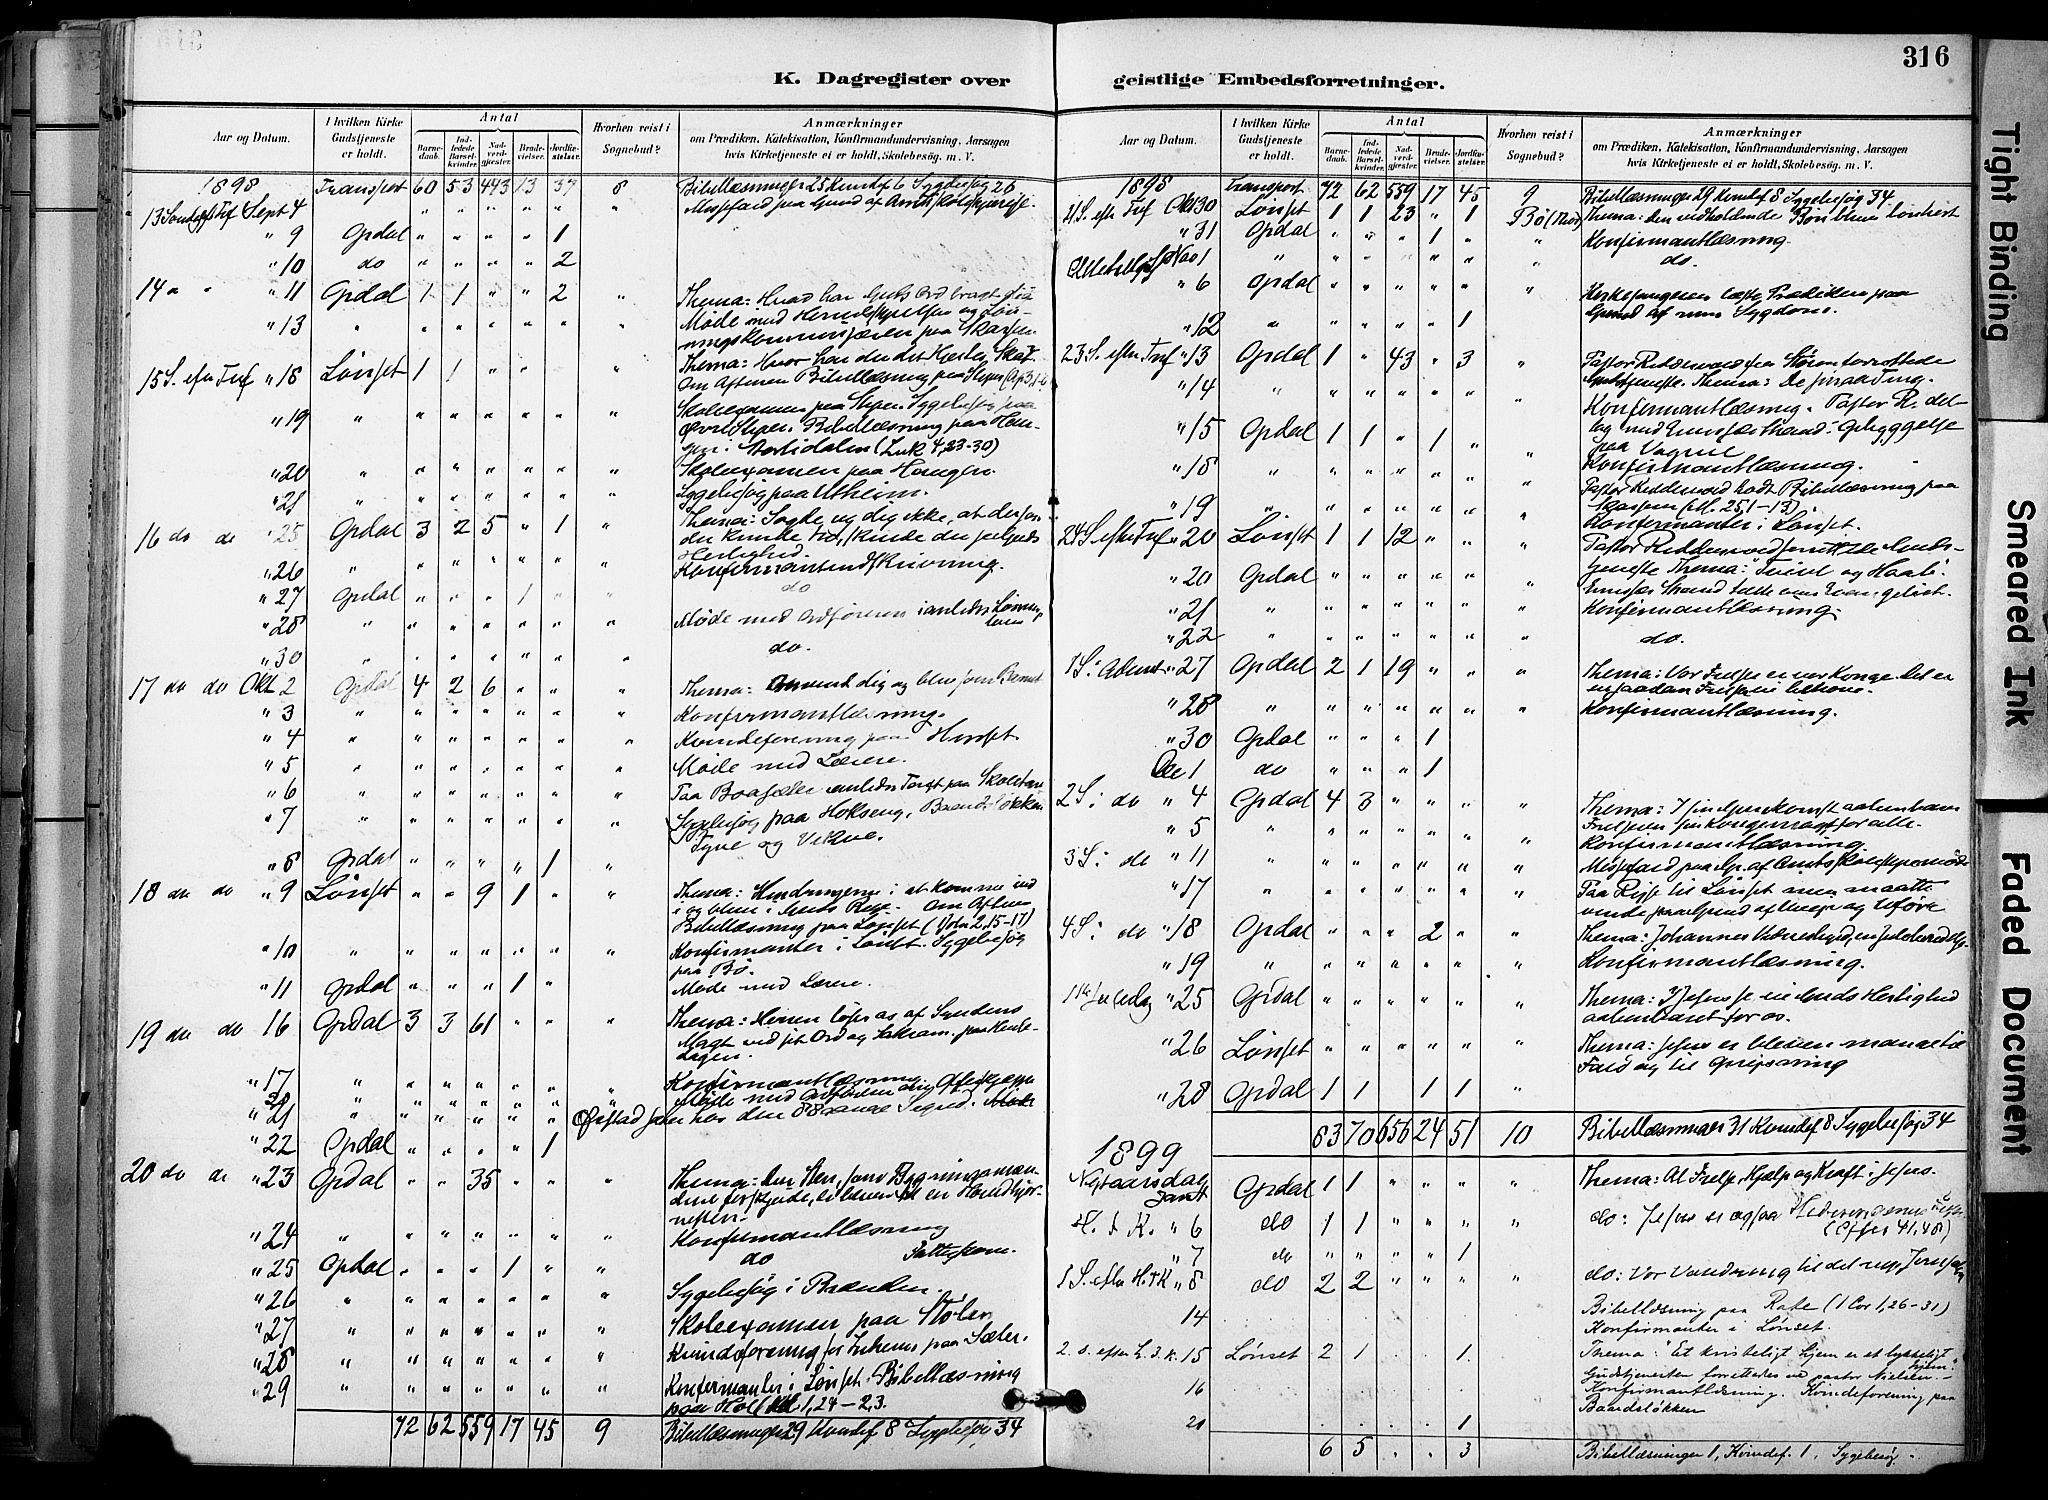 SAT, Ministerialprotokoller, klokkerbøker og fødselsregistre - Sør-Trøndelag, 678/L0902: Ministerialbok nr. 678A11, 1895-1911, s. 316